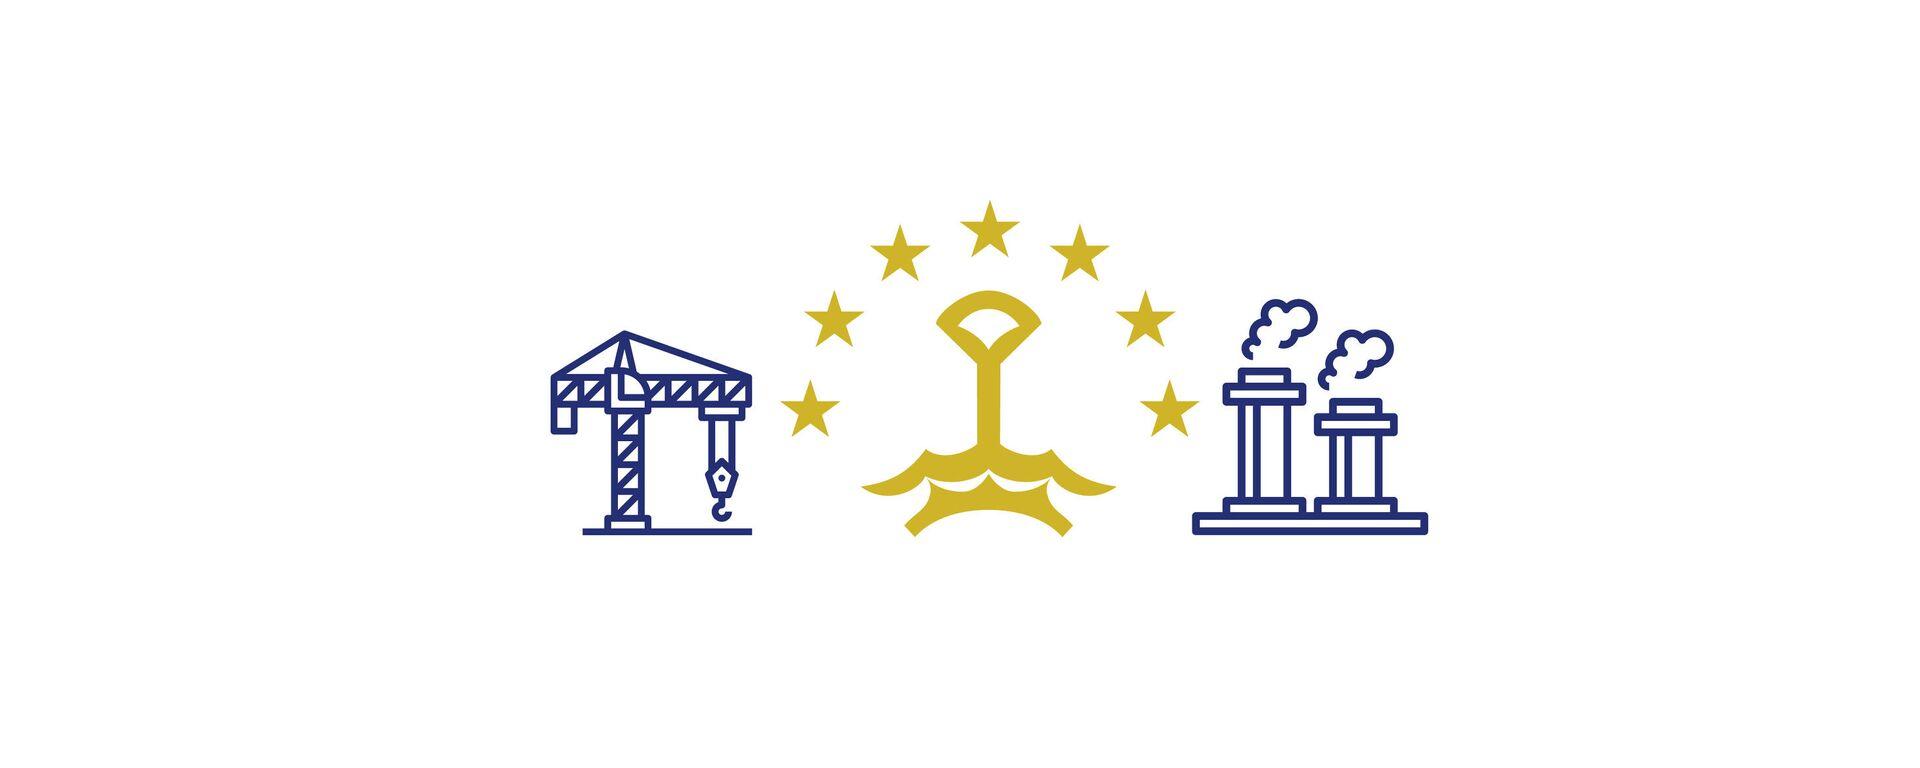 Экономика Таджикистана и других республик после развала СССР - Sputnik Таджикистан, 1920, 09.02.2021